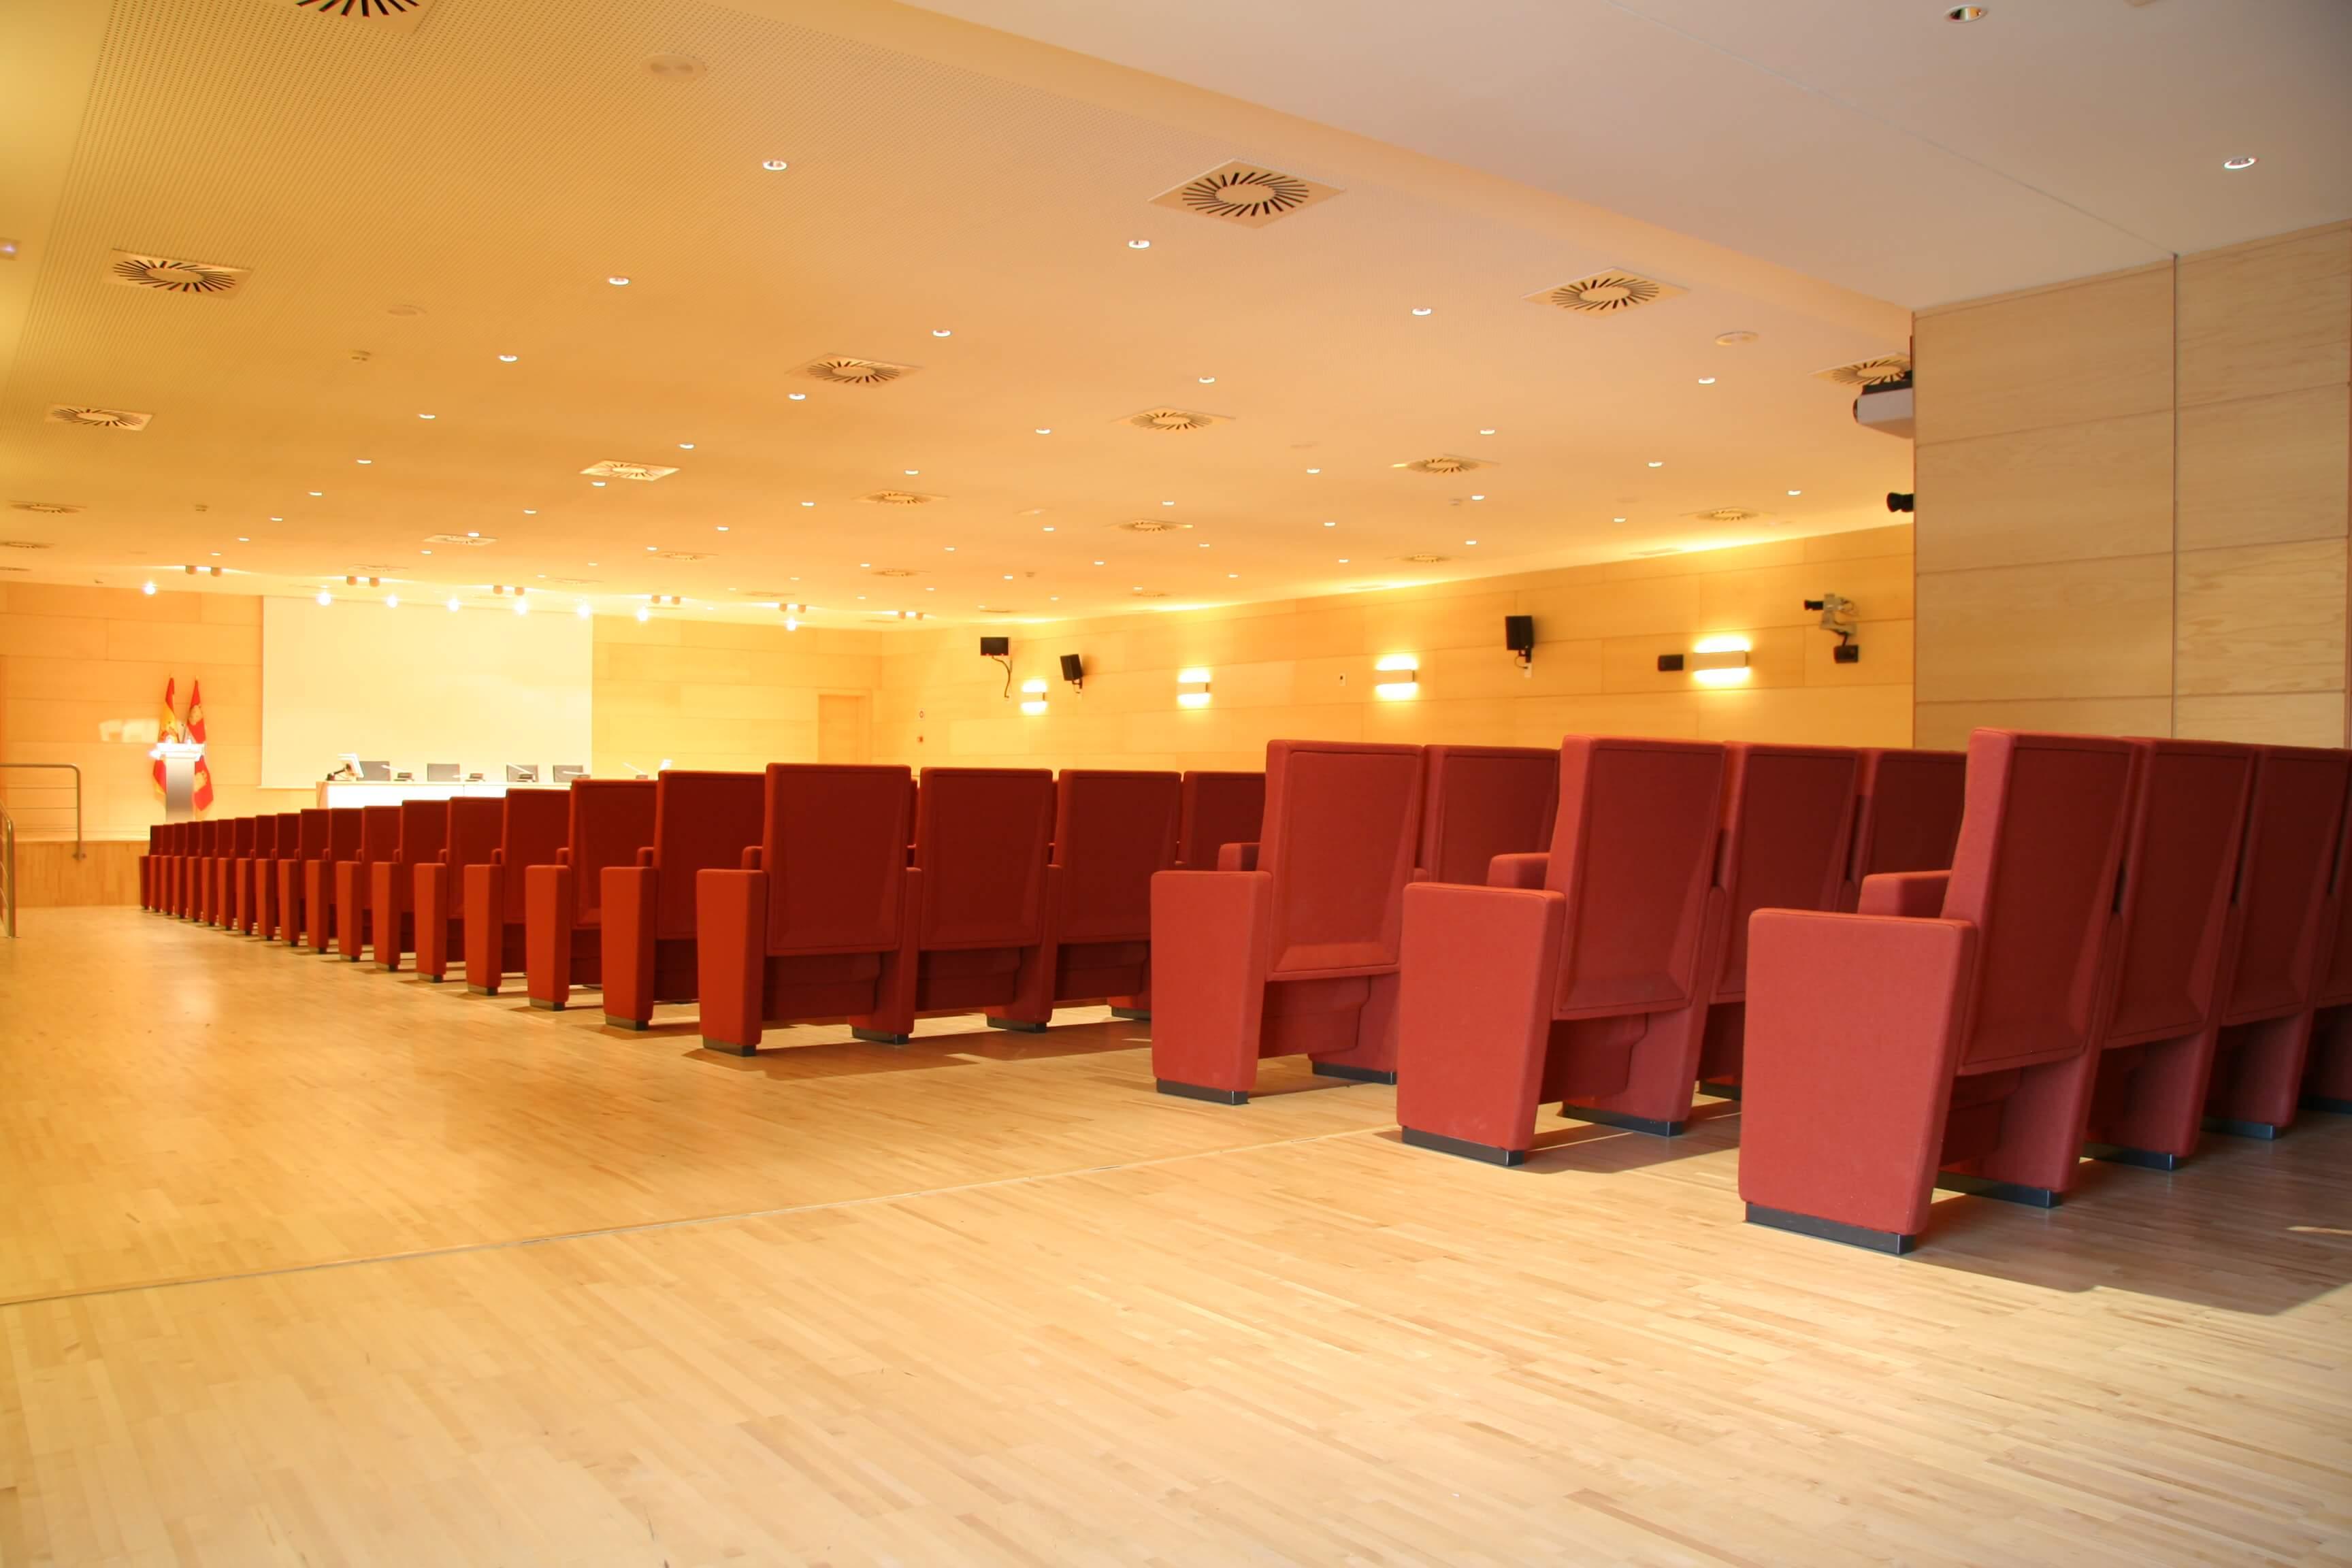 Auditorio Cortes CyL butacas | Muebles de oficina Spacio